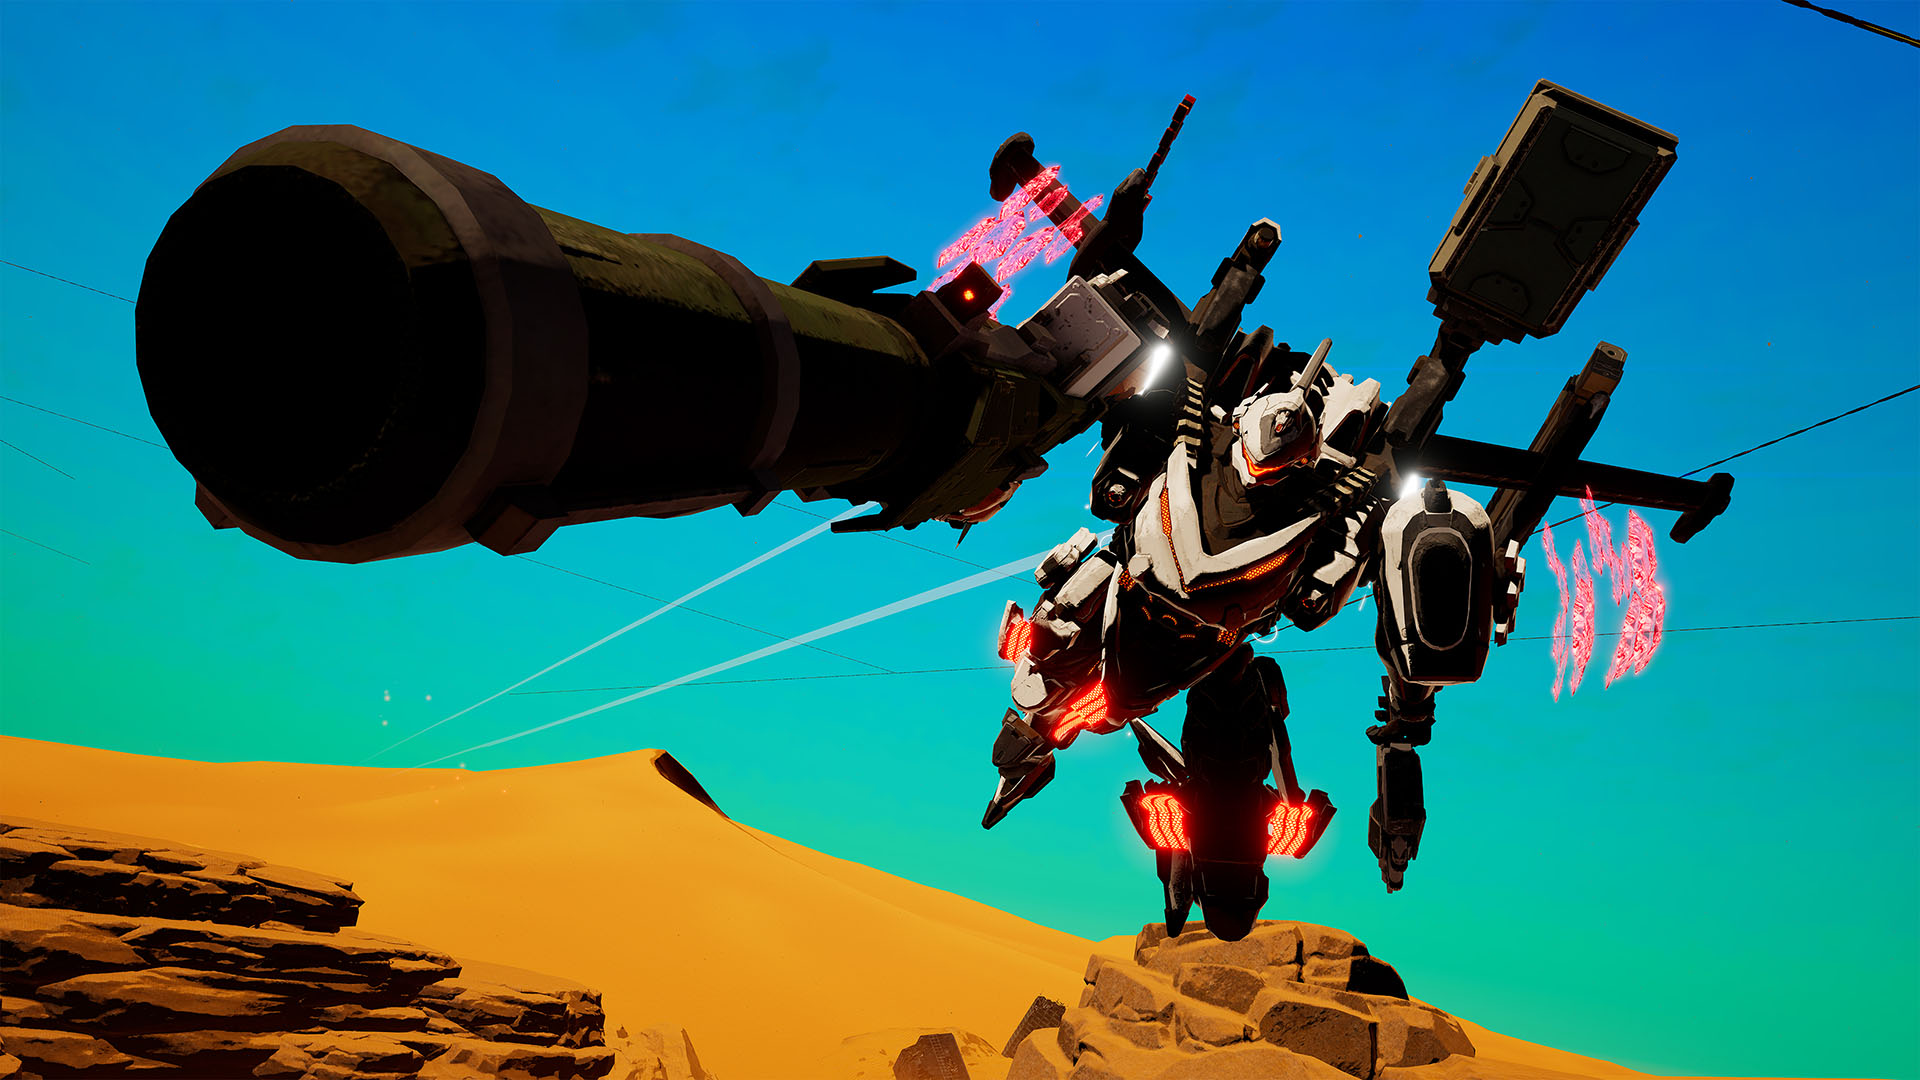 Desenvolveres de Daemon X Machina confirmam melhorias na taxa de quadros do jogo após feedback dos jogadores